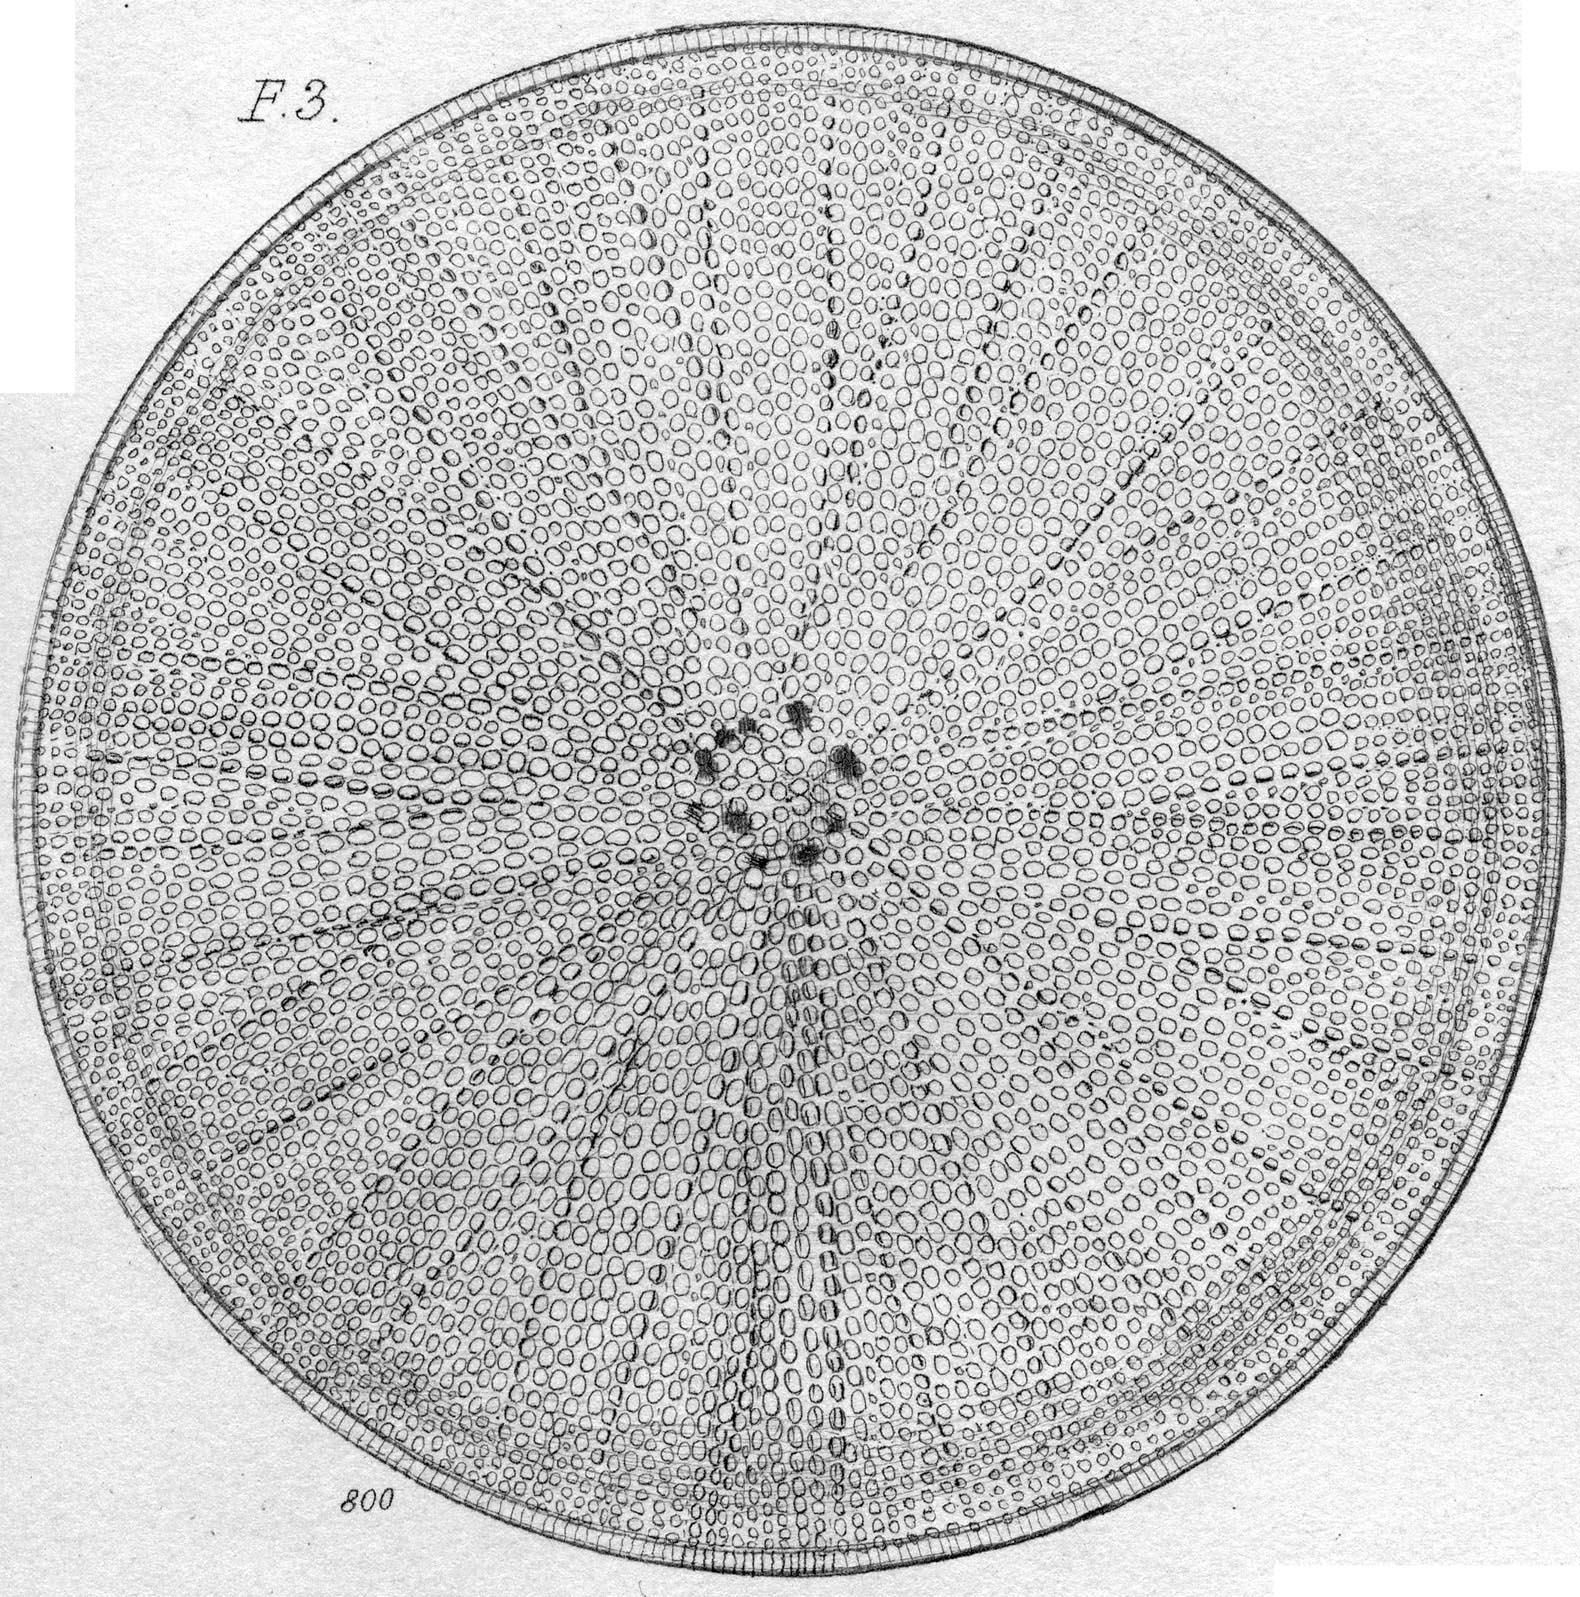 Coscinodiscus normanii orig illus